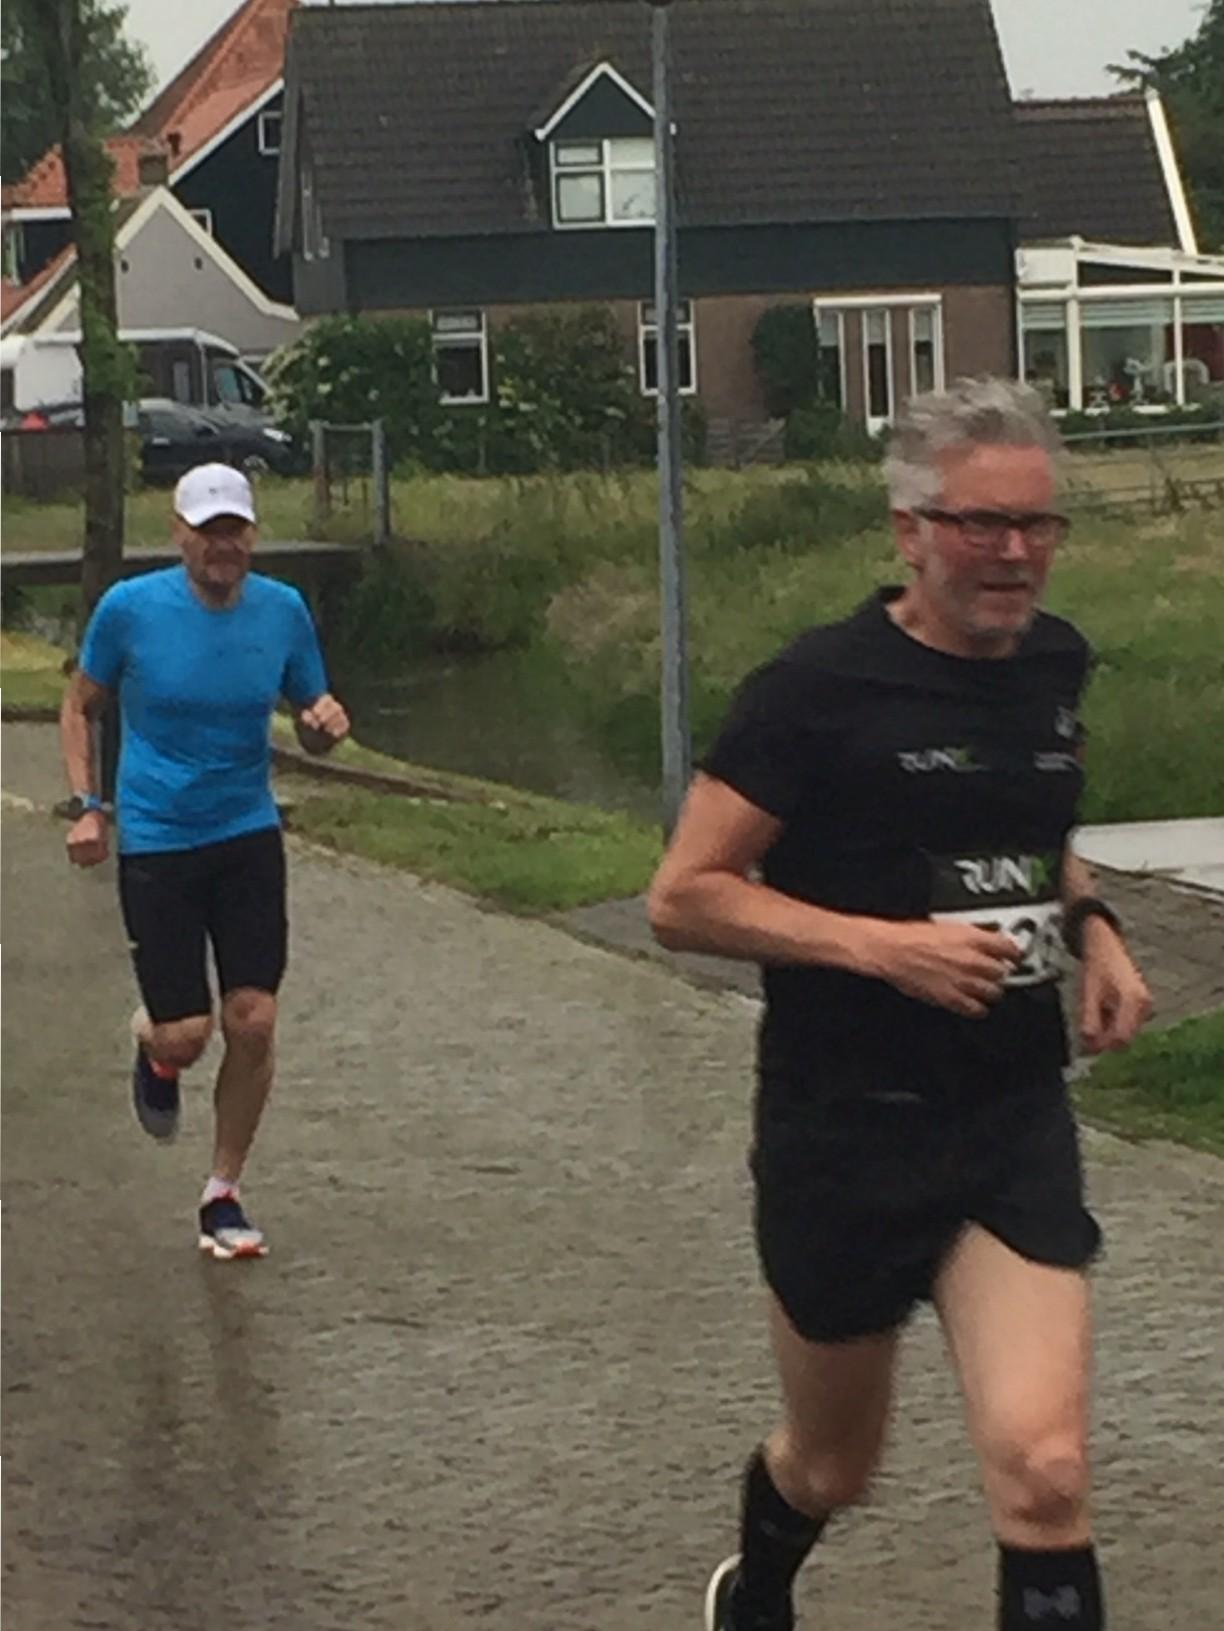 Luilakpolderloop 9 2019